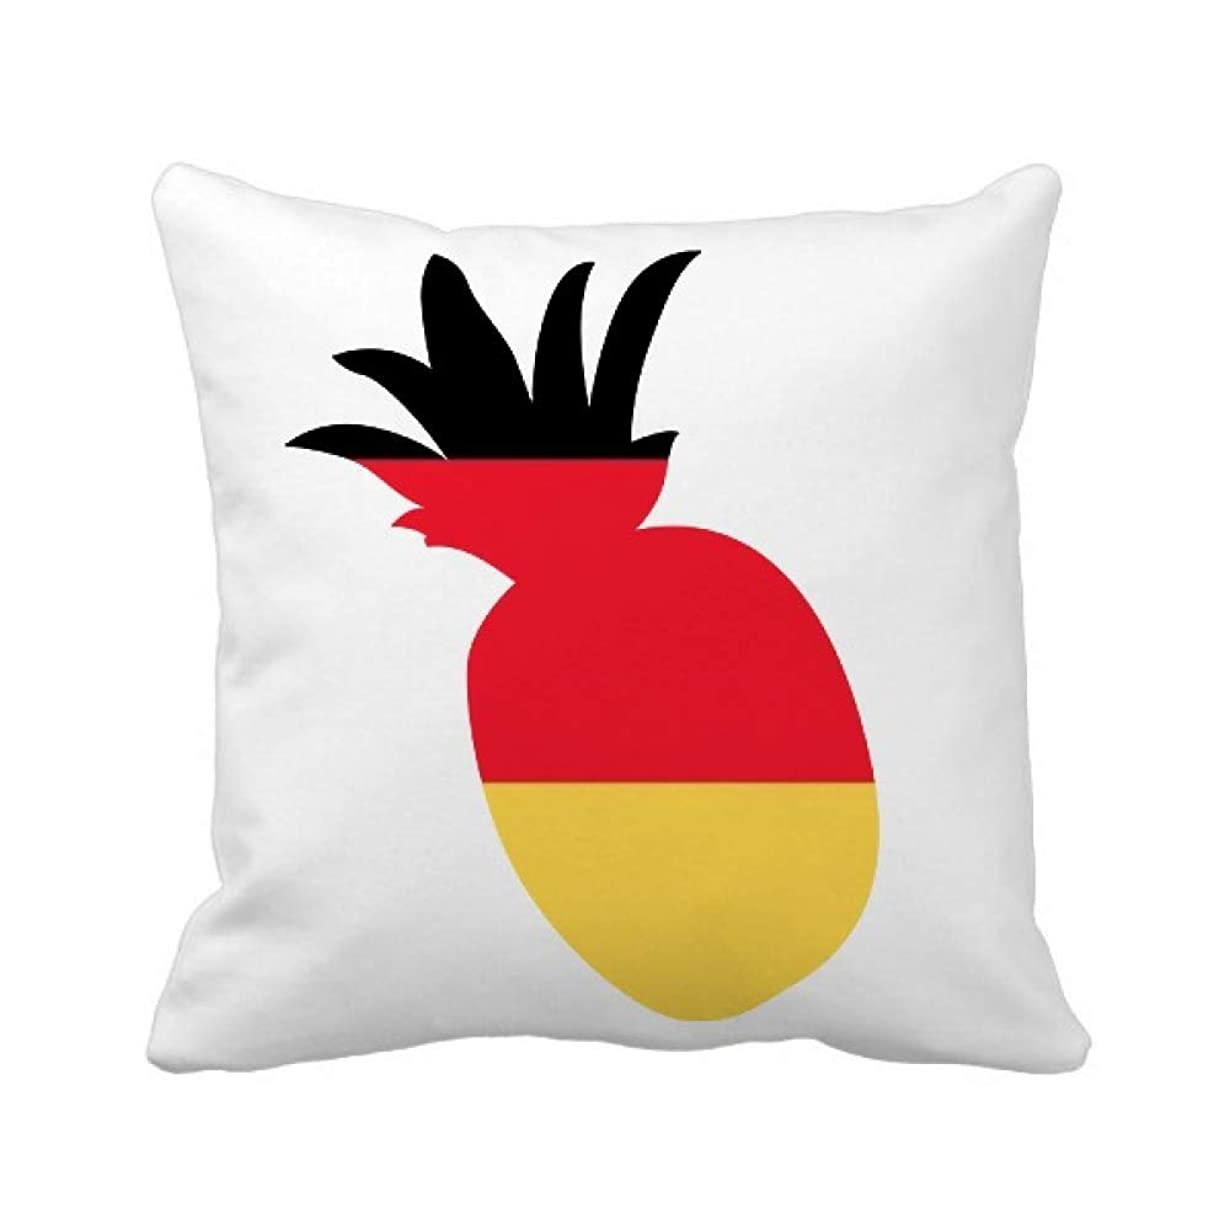 天才クリケットスケッチドイツの国旗は、ヨーロッパの国 パイナップル枕カバー正方形を投げる 50cm x 50cm